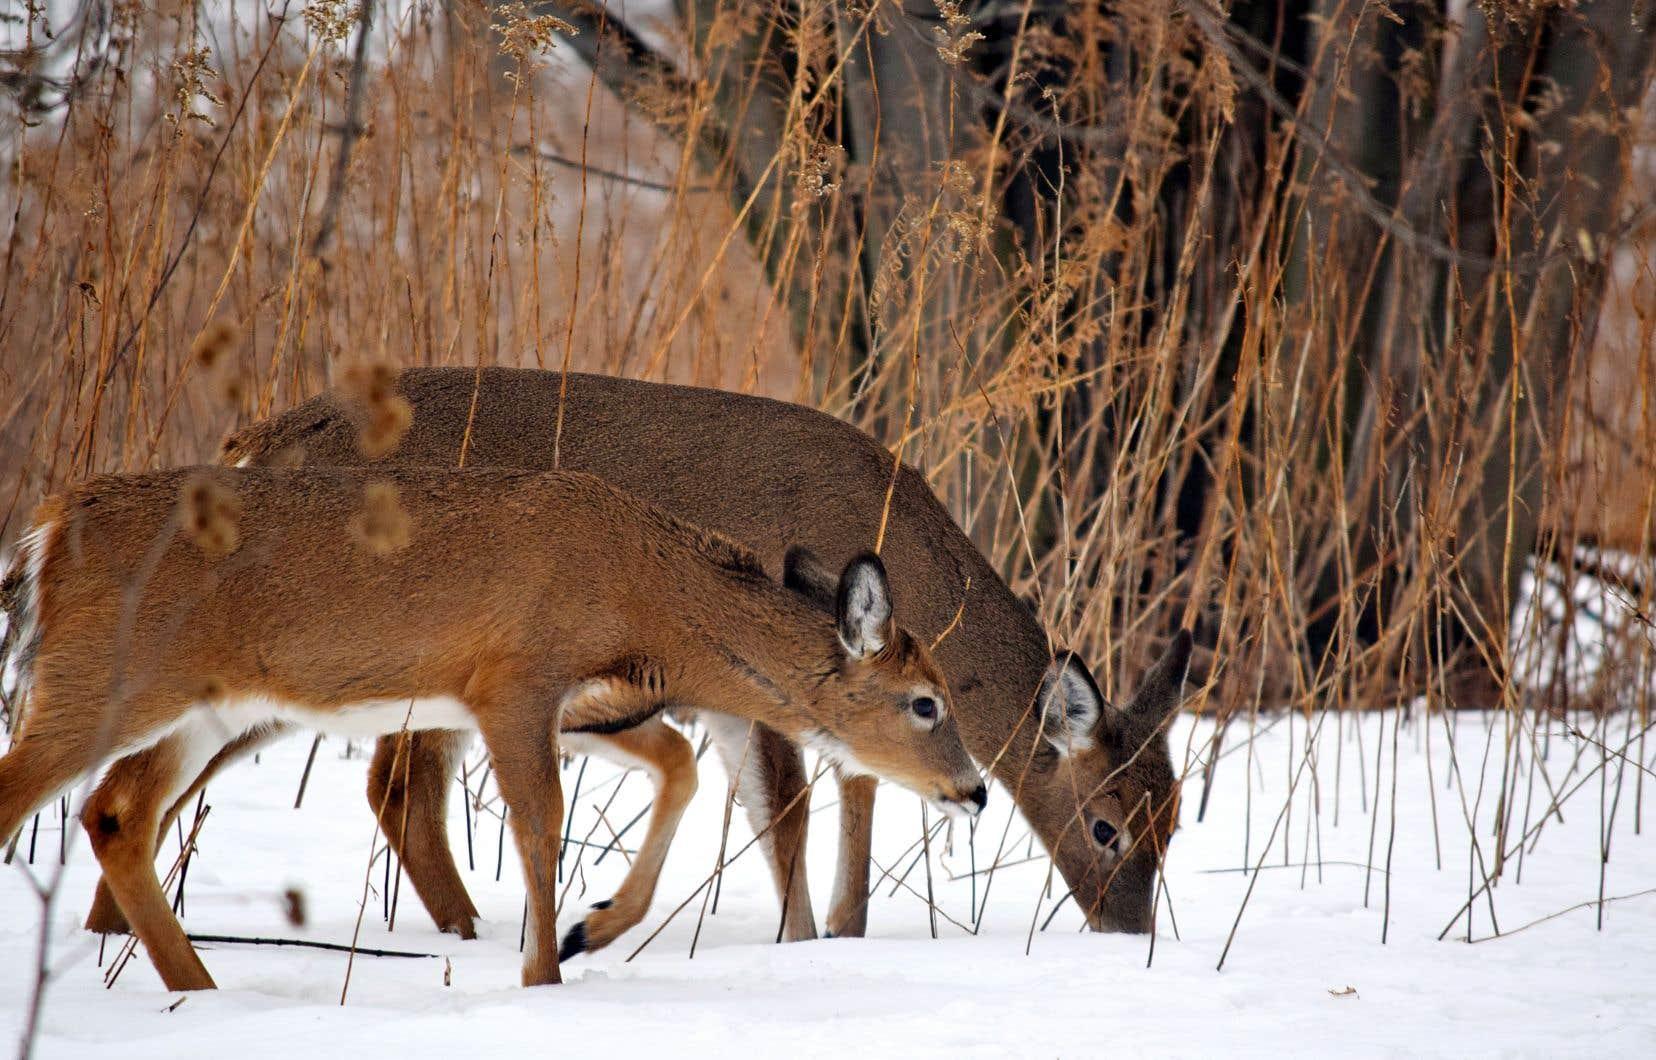 Le parc national des Îles-de-Boucherville abrite une grande biodiversité, dont une quarantaine d'espèces en péril, mais aussi de plus communs cerfs de Virginie, qui sont plus d'une centaine dans l'archipel.